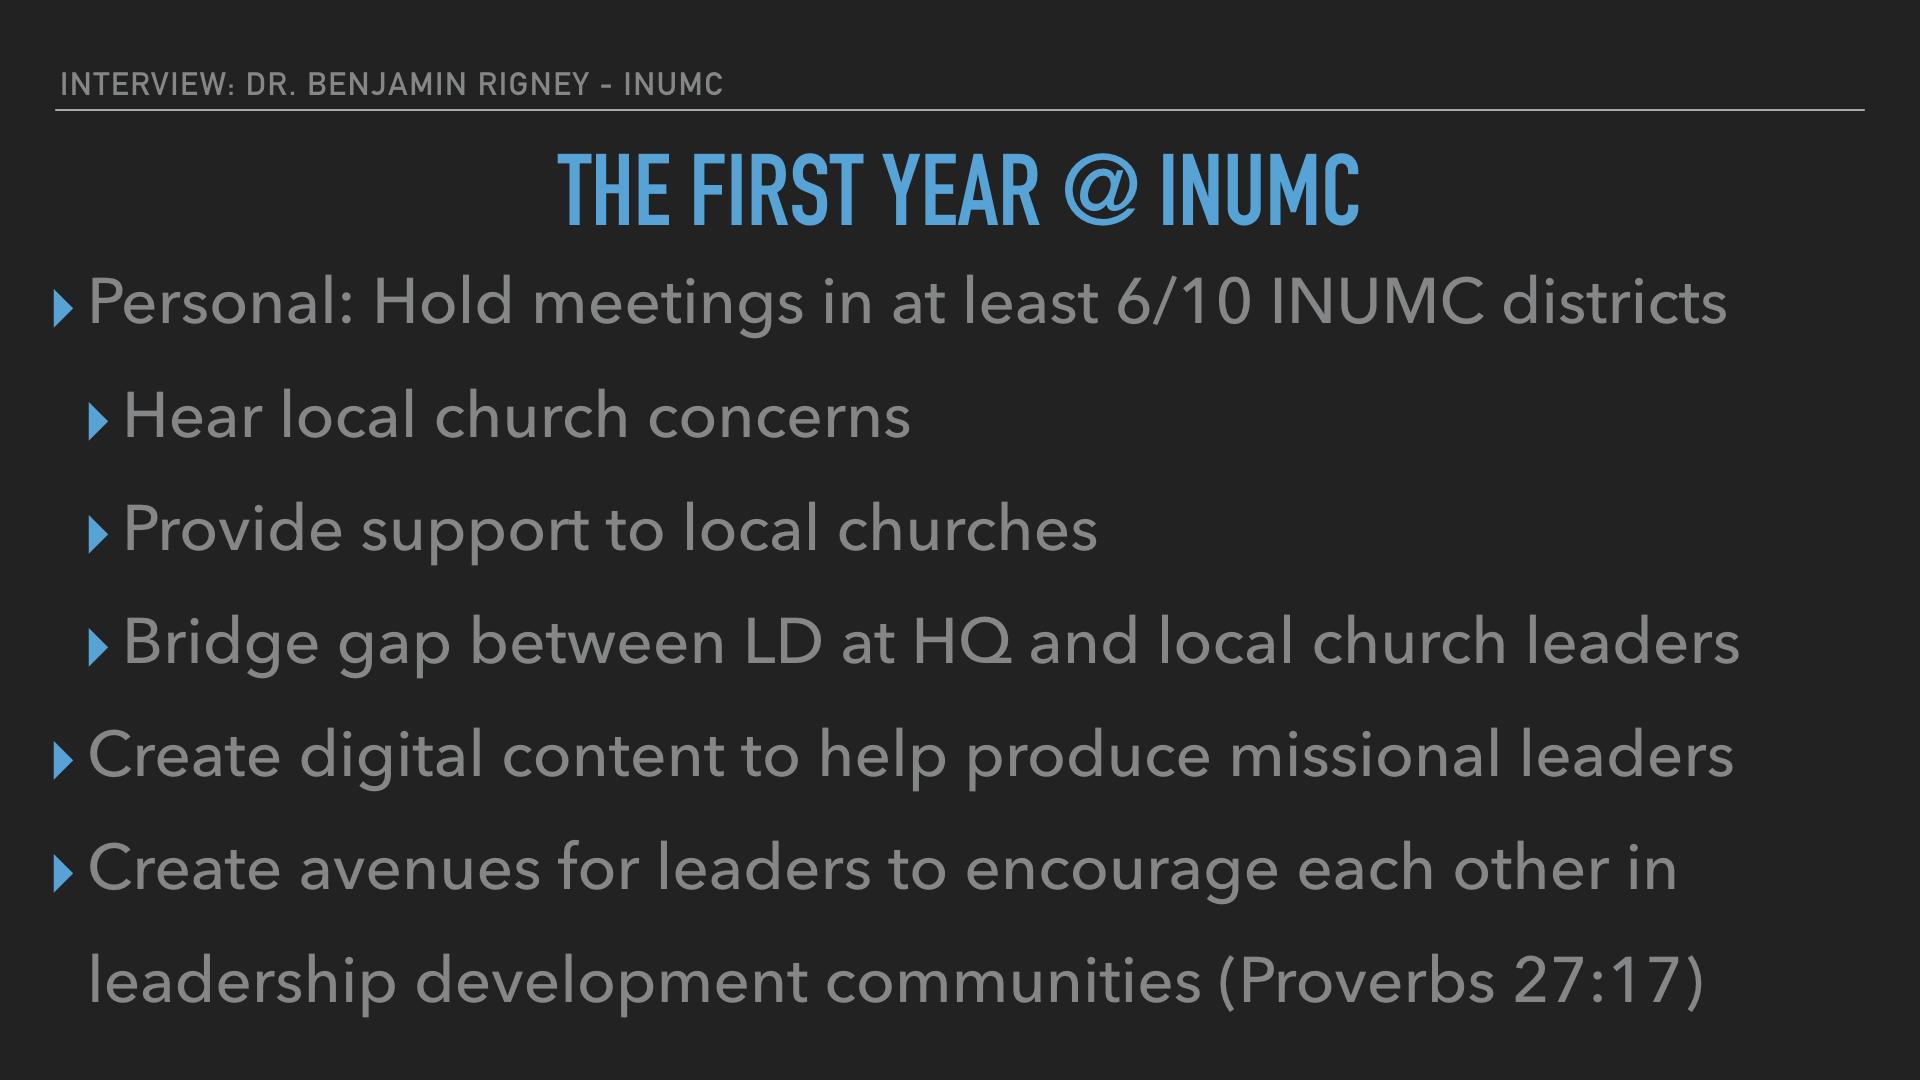 INUMC Interview Presentation .031